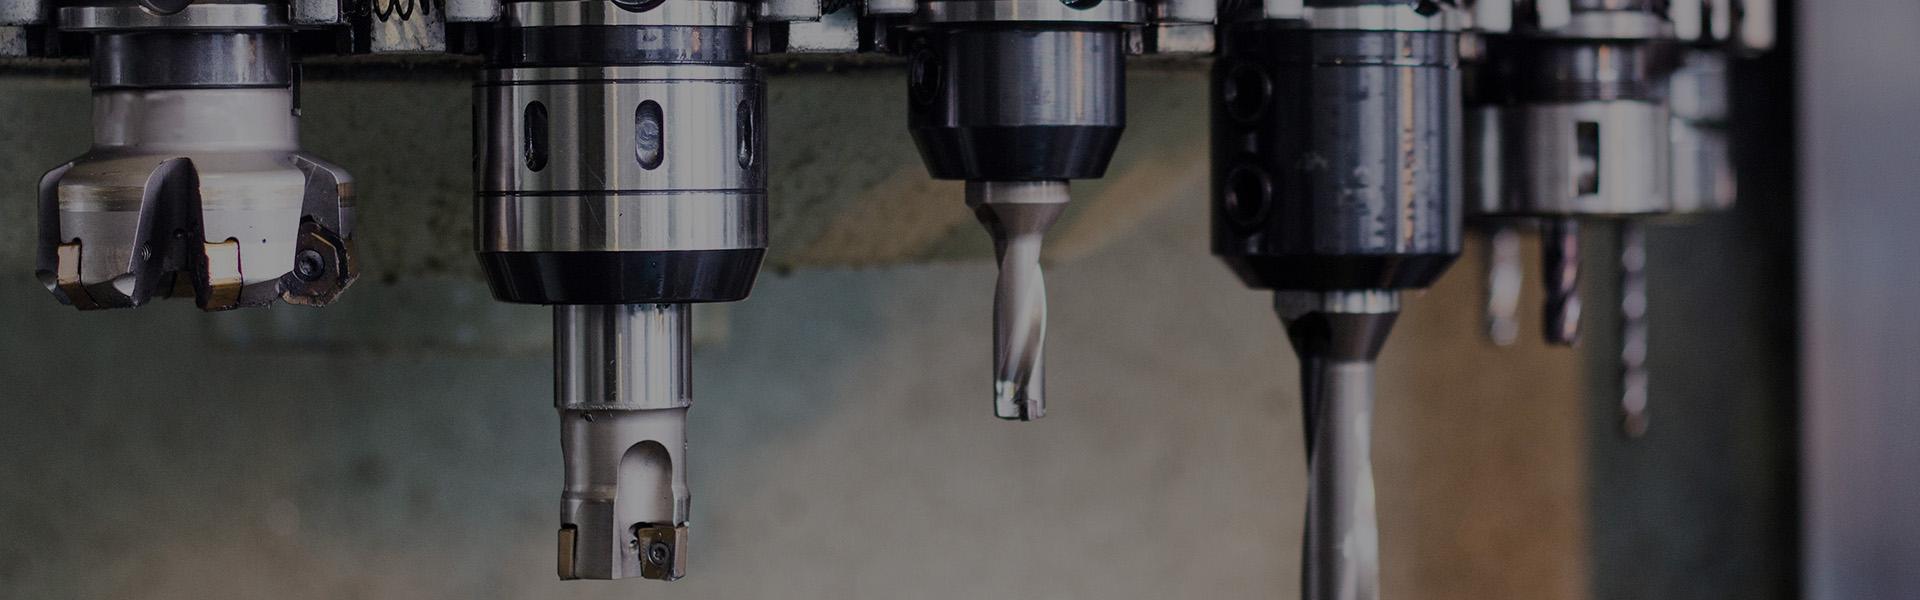 CNC megmunkálás - marás technológia